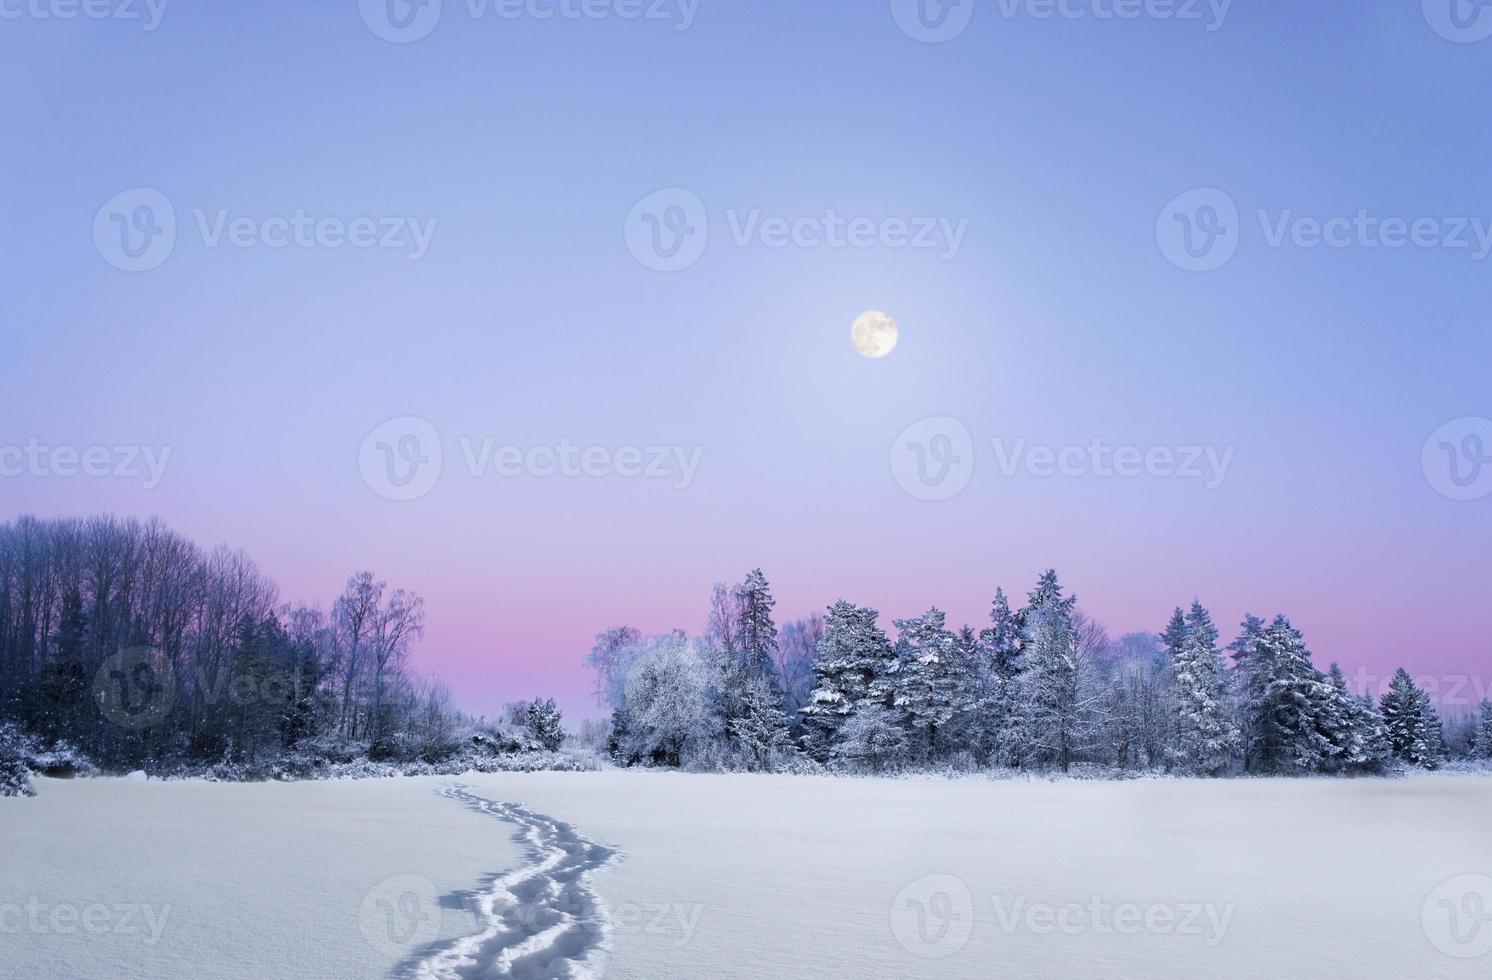 sera paesaggio invernale con la luna piena foto